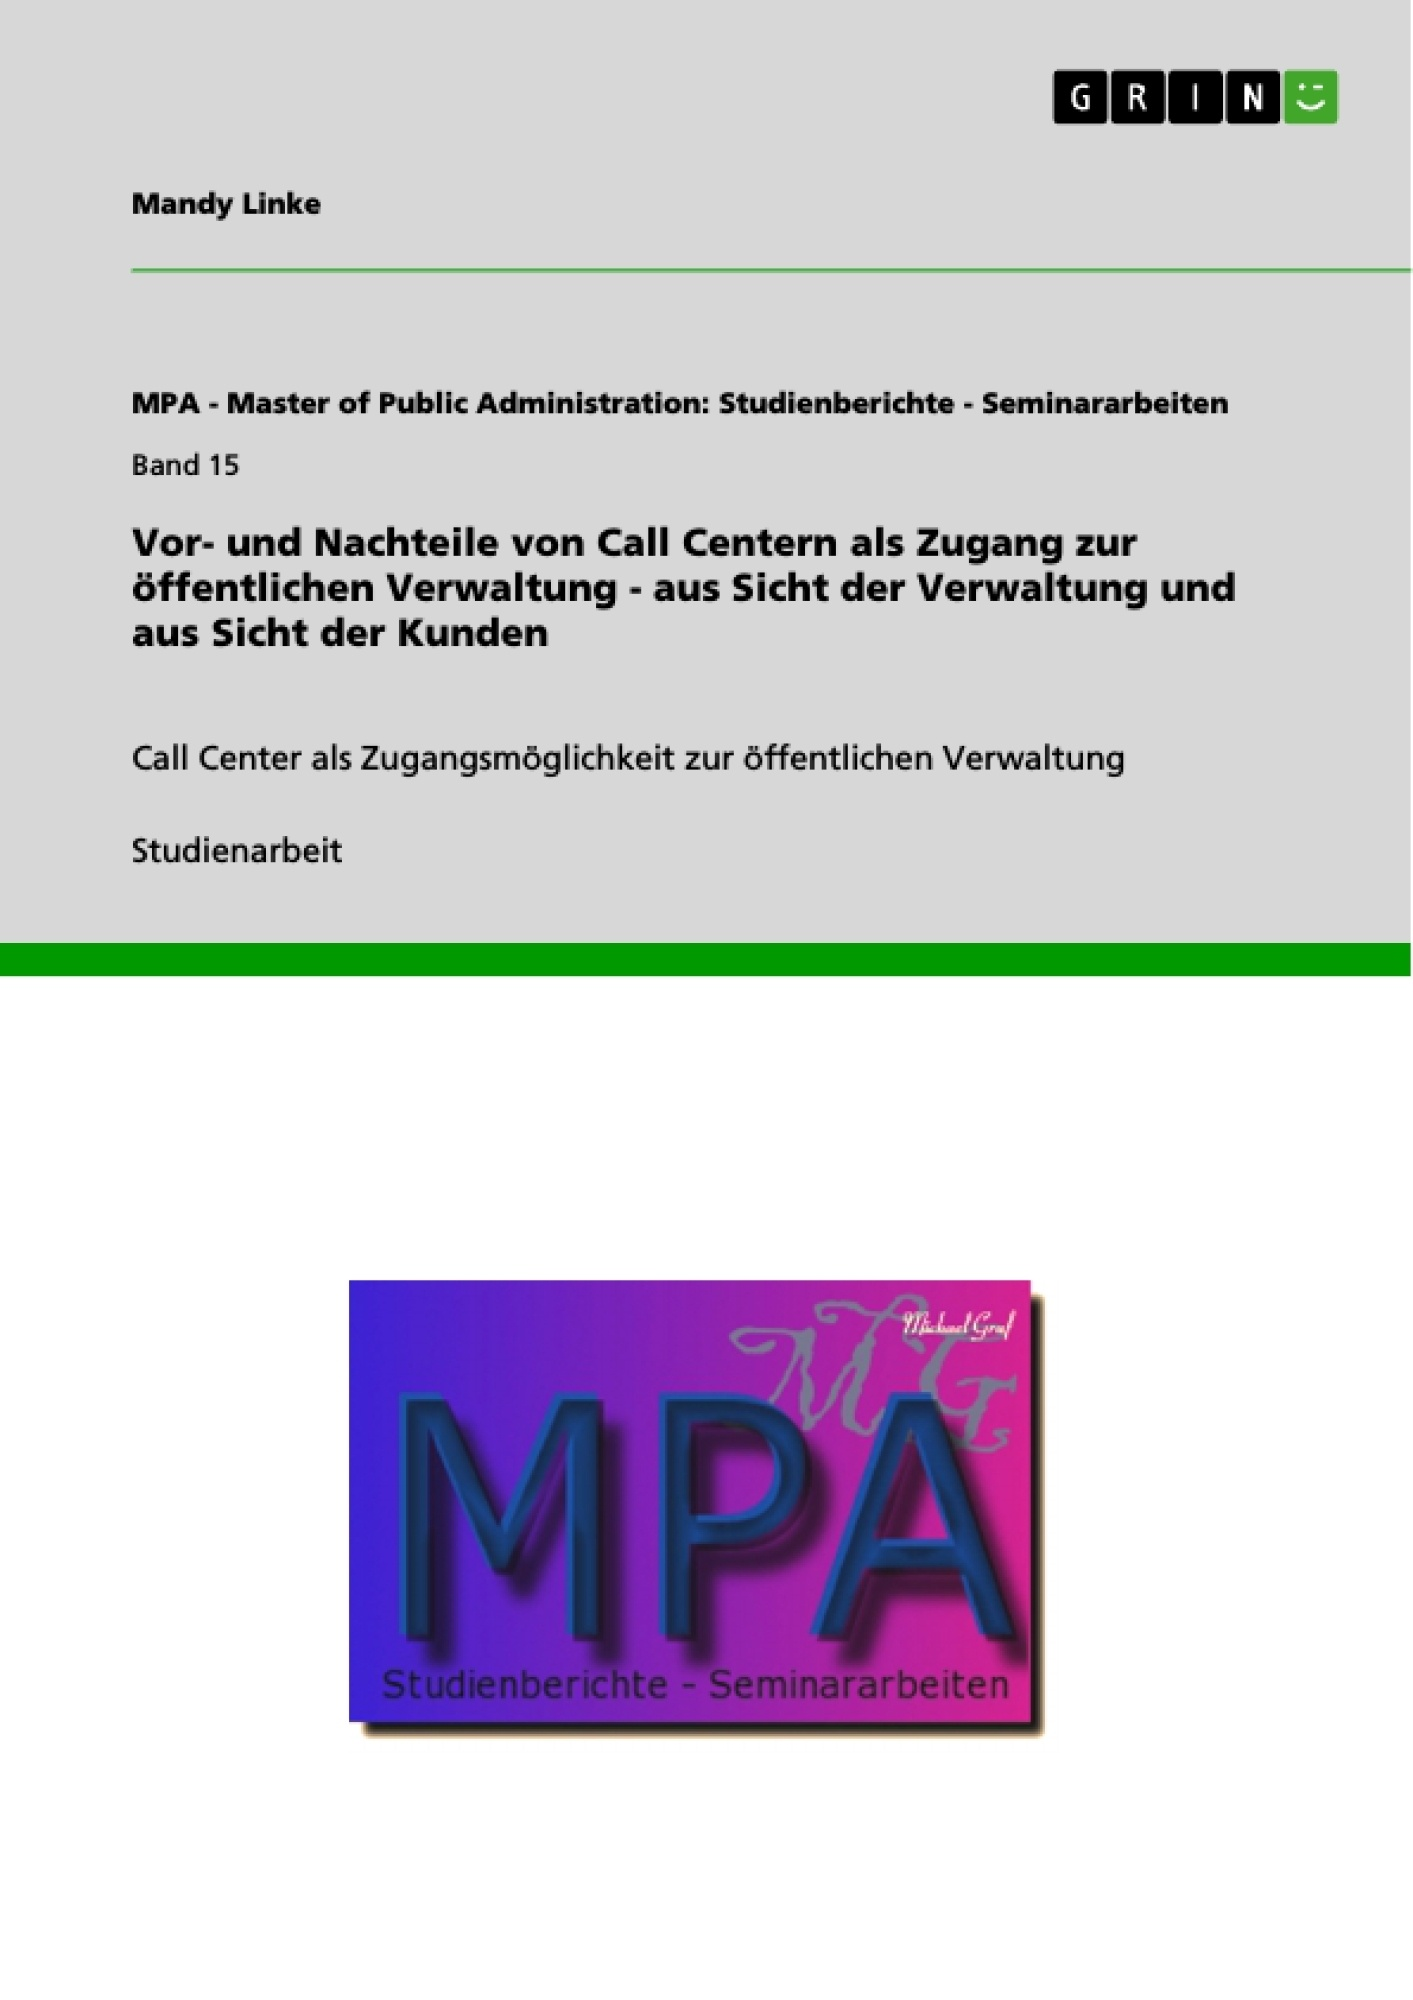 Titel: Vor- und Nachteile von Call Centern als Zugang zur öffentlichen Verwaltung - aus Sicht der Verwaltung und aus Sicht der Kunden